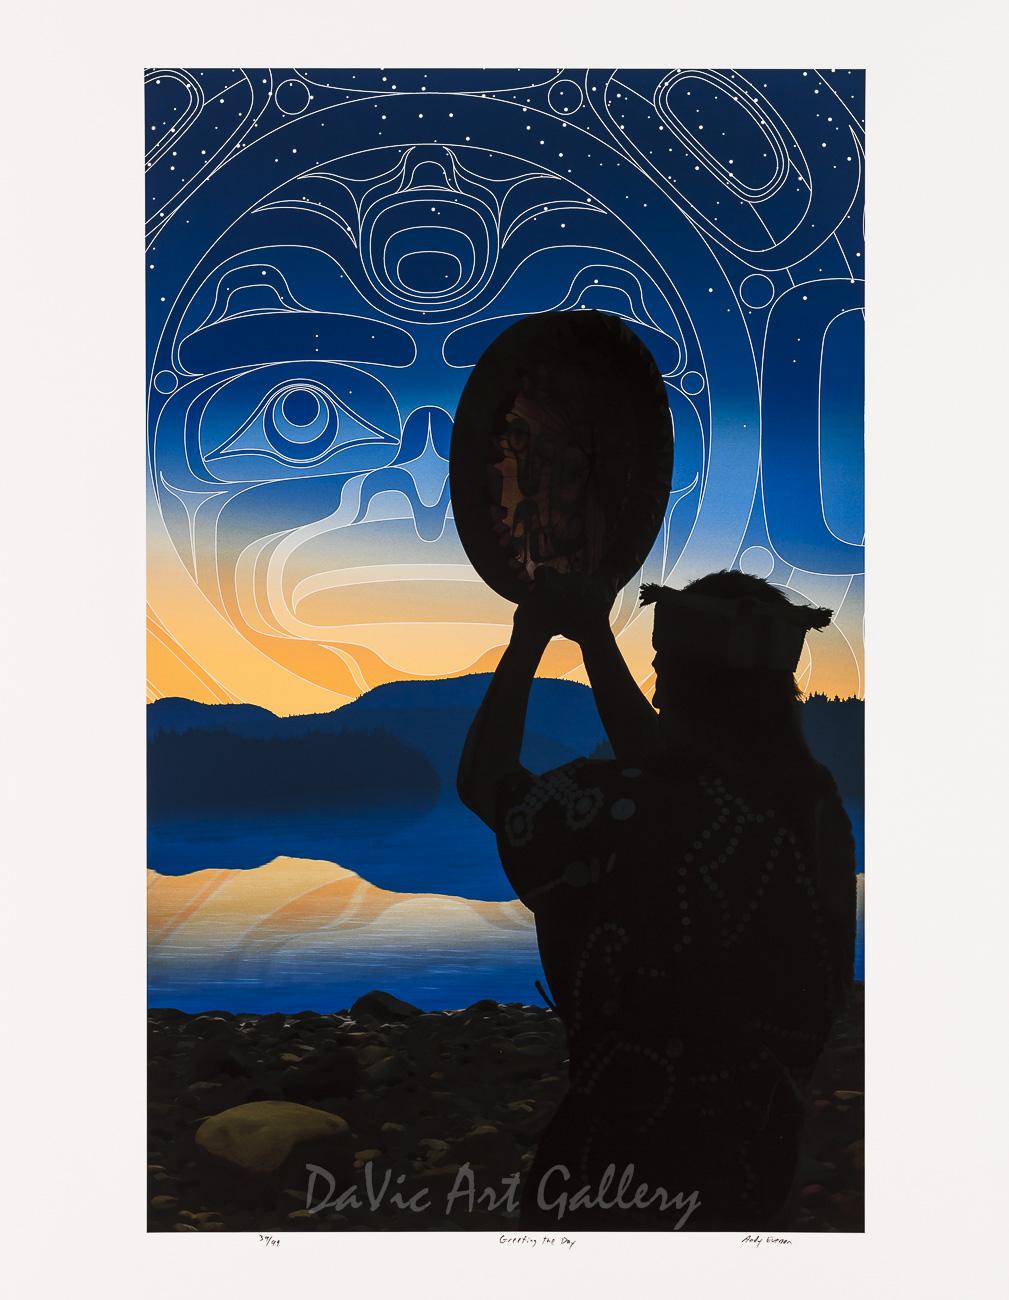 Greeting the Day by Andy Everson 2011 - Northwest Coast - Kwakwaka'wakw